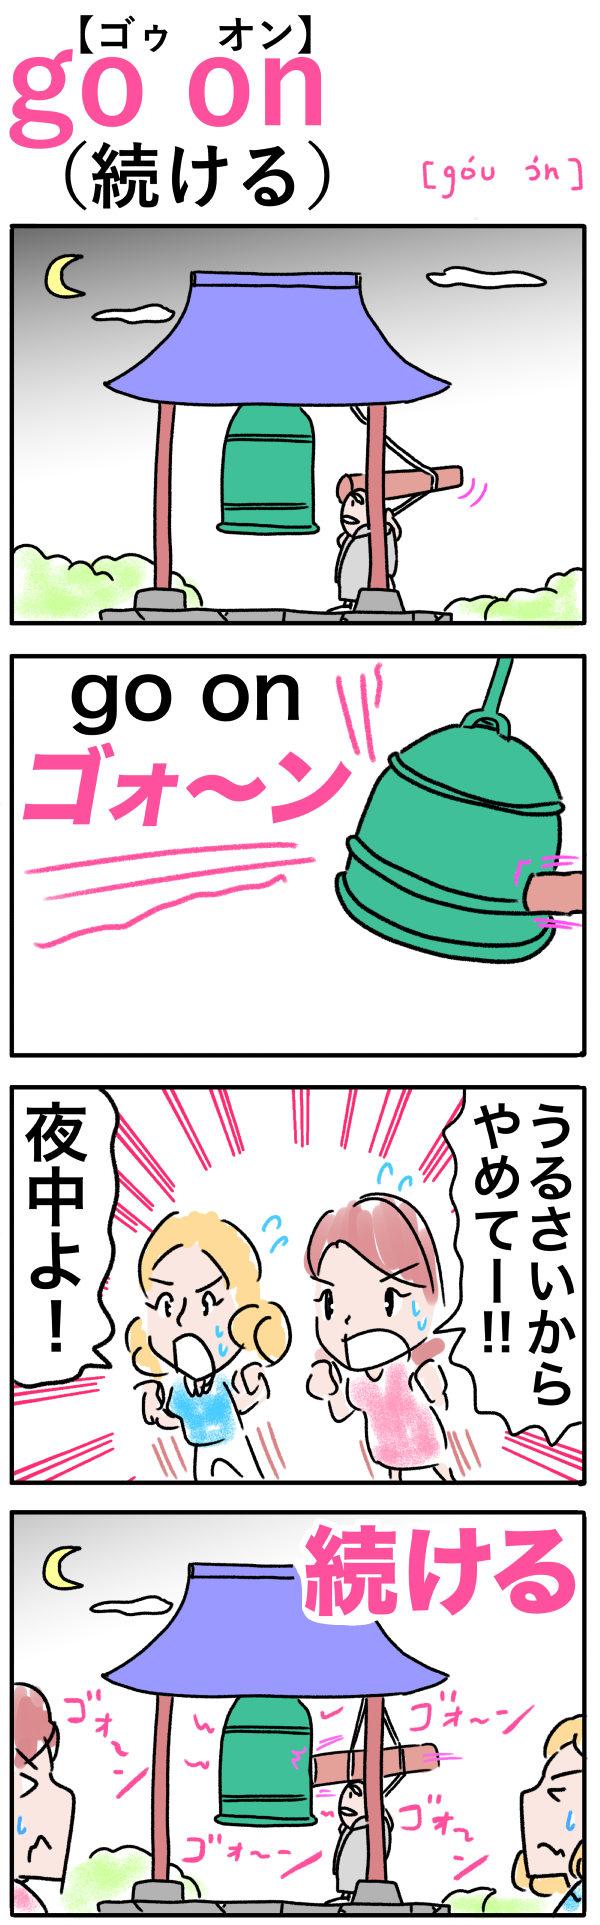 go on(続ける)の語呂合わせ英単語